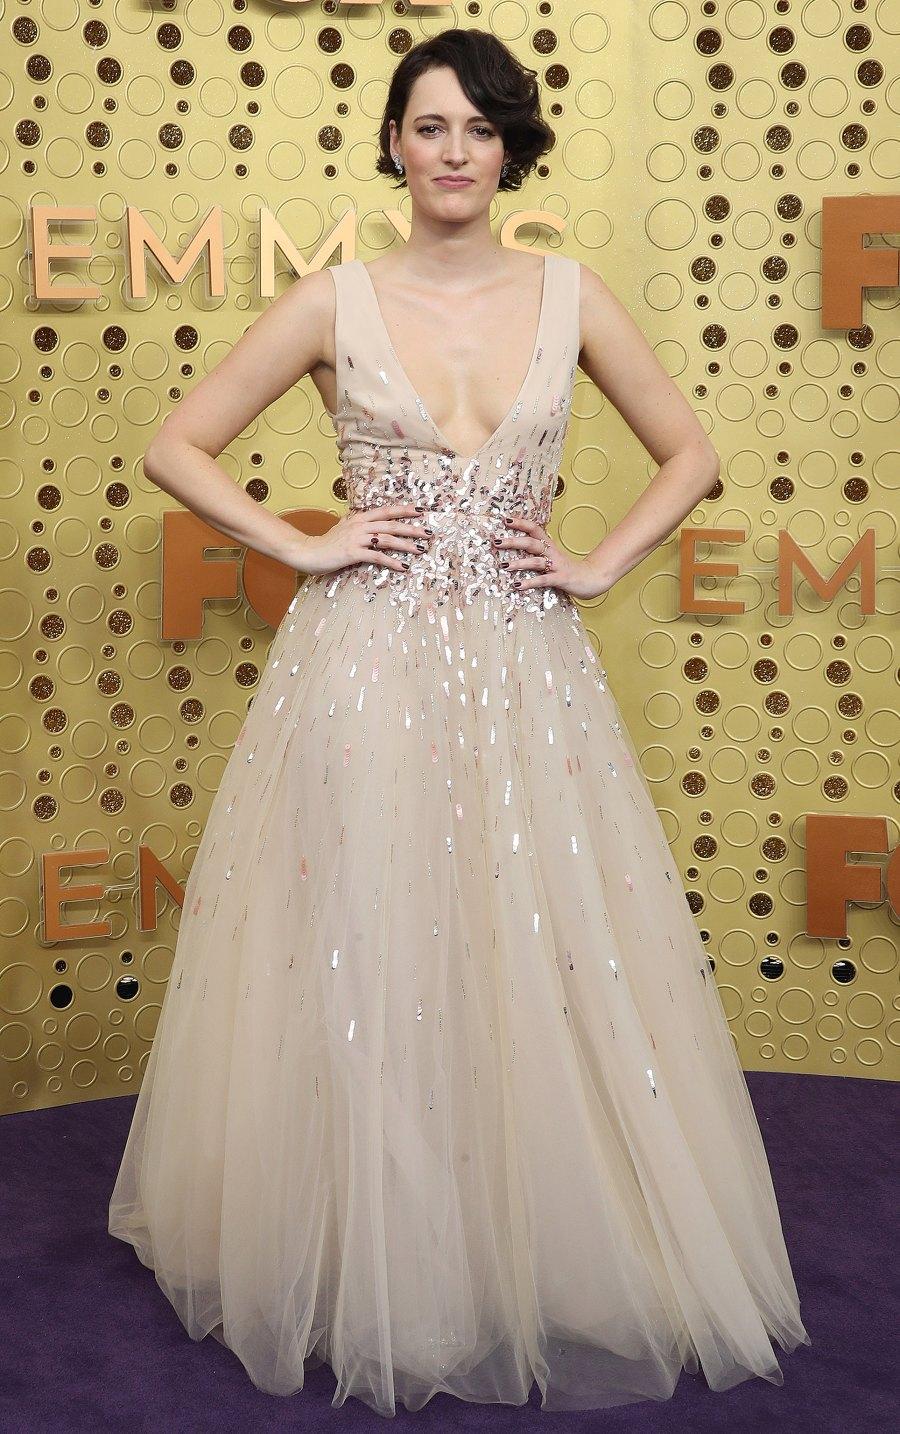 Emmys 2019 Nearly Naked - Phoebe Waller-Bridge